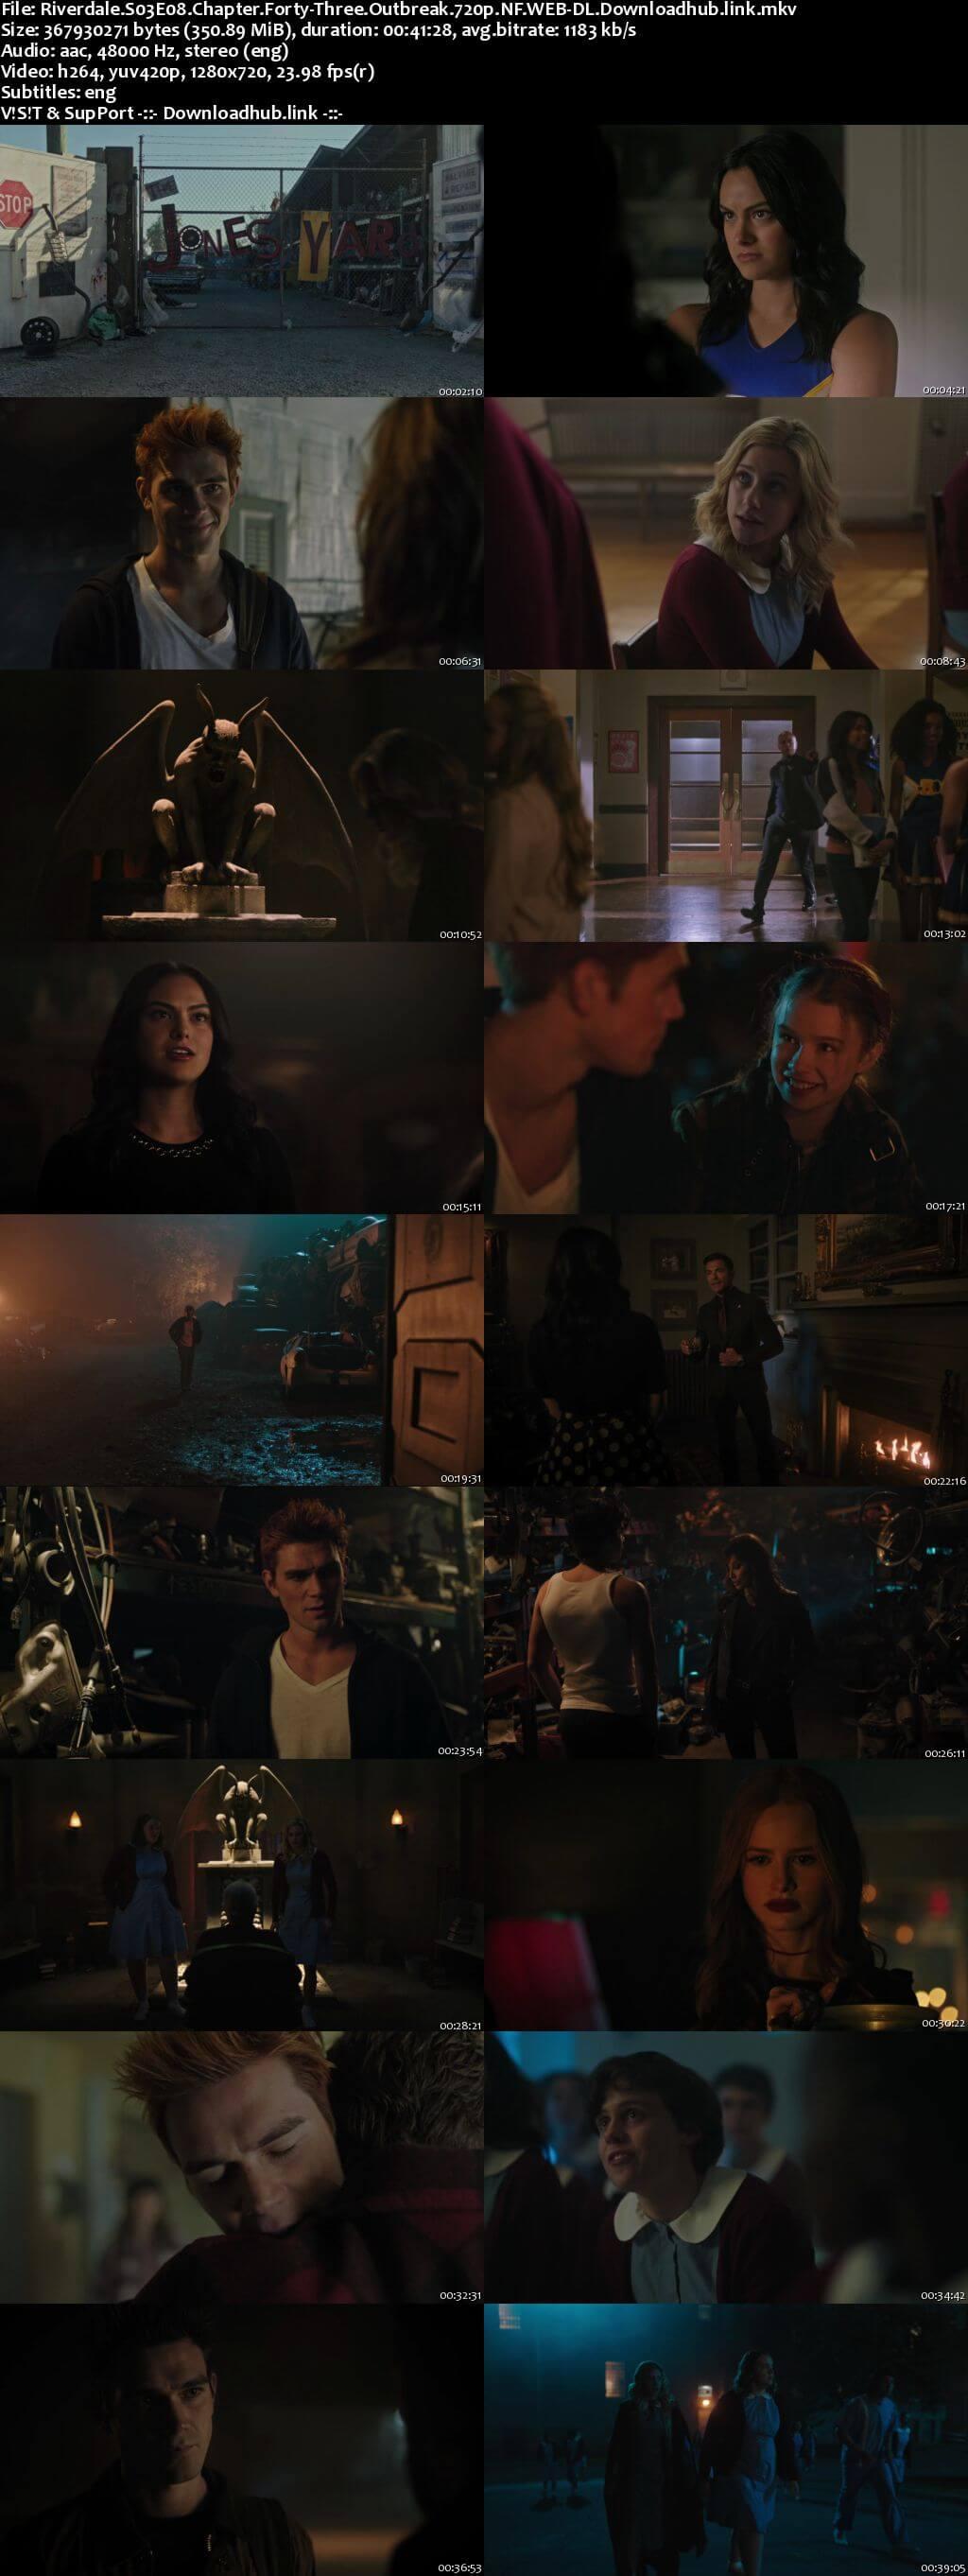 Riverdale S03E08 350MB NF WEB-DL 720p ESubs